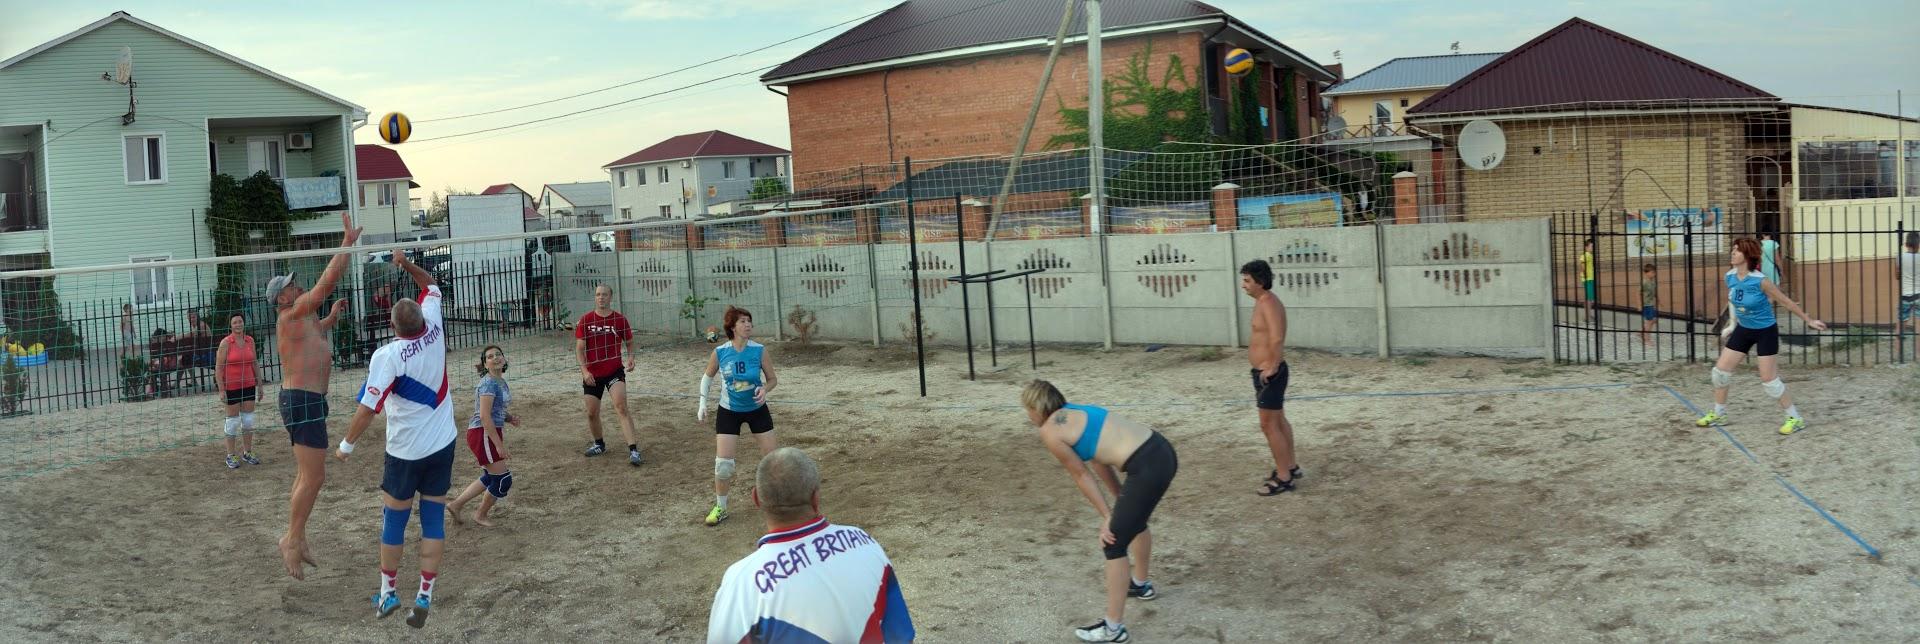 волейбол степановка первая